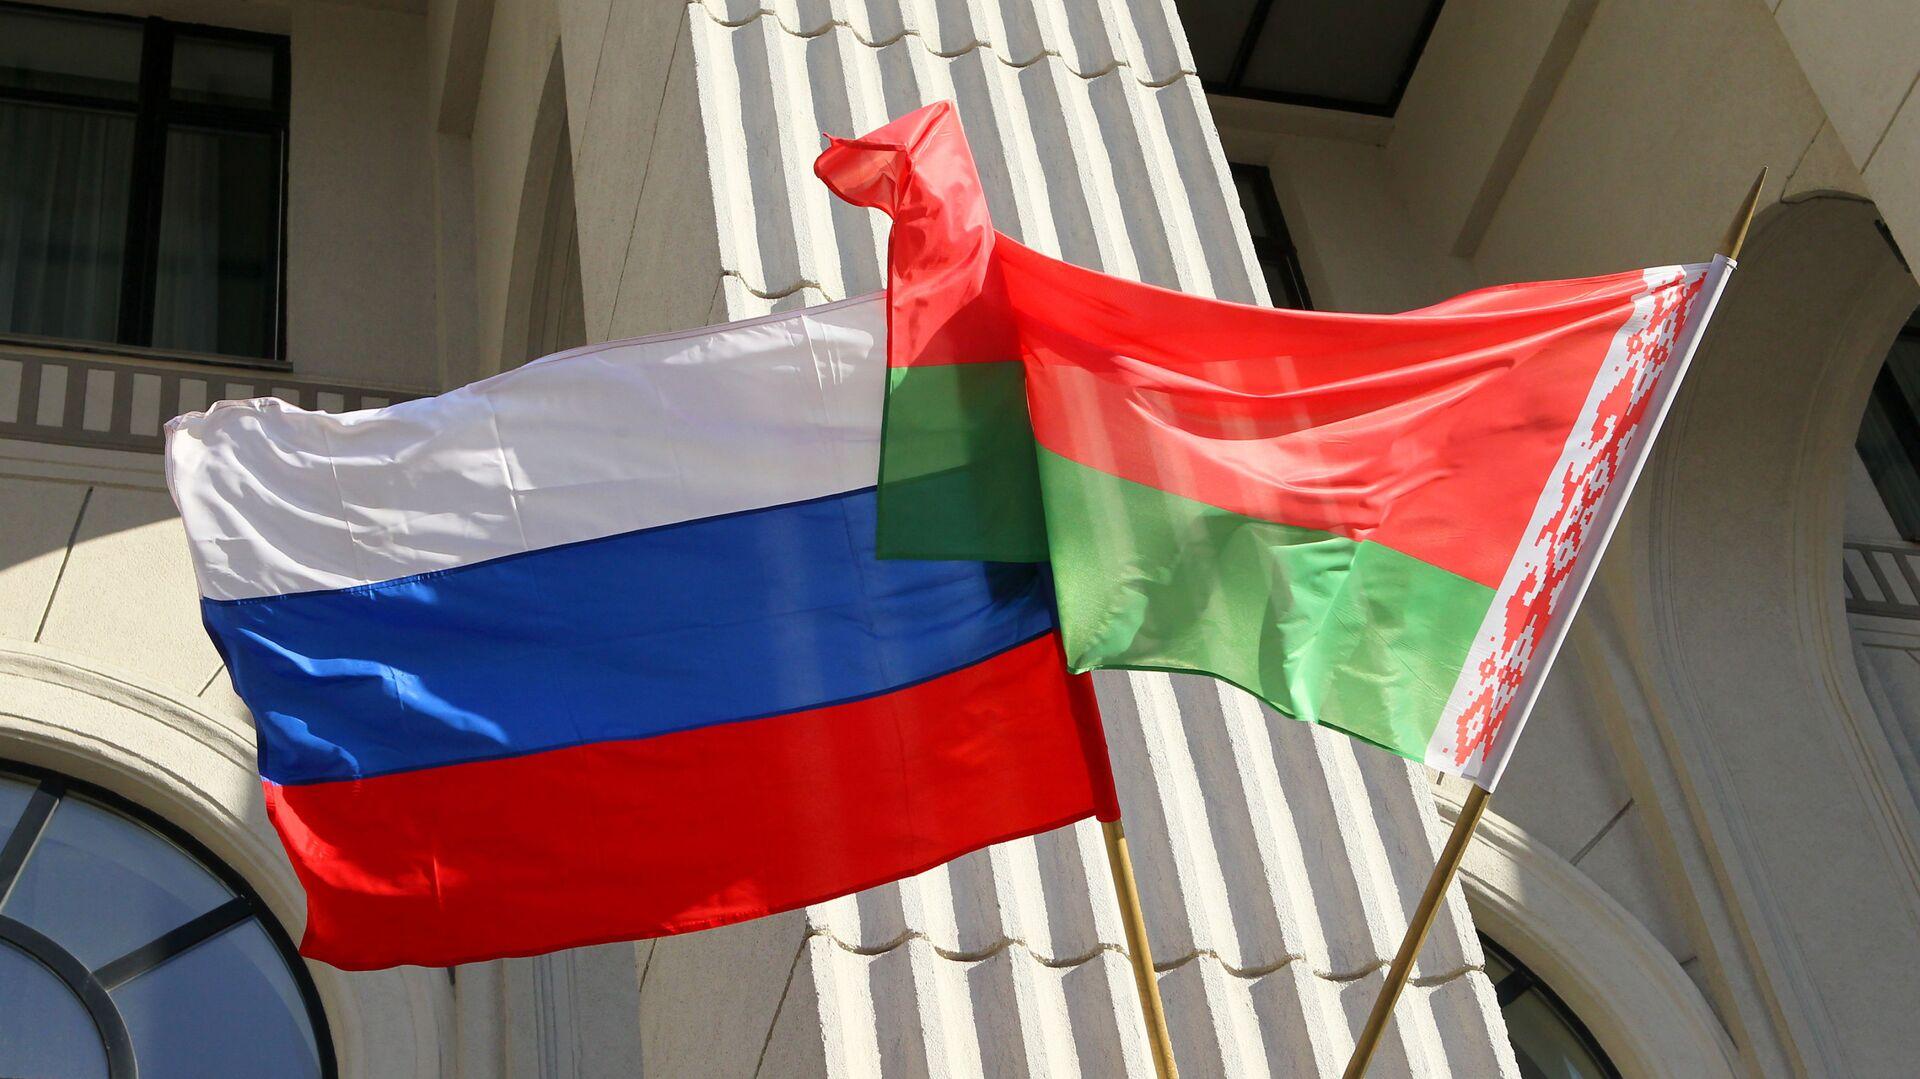 Flagi państwowe Rosji i Białorusi na budynku mińskiej filharmonii - Sputnik Polska, 1920, 09.09.2021